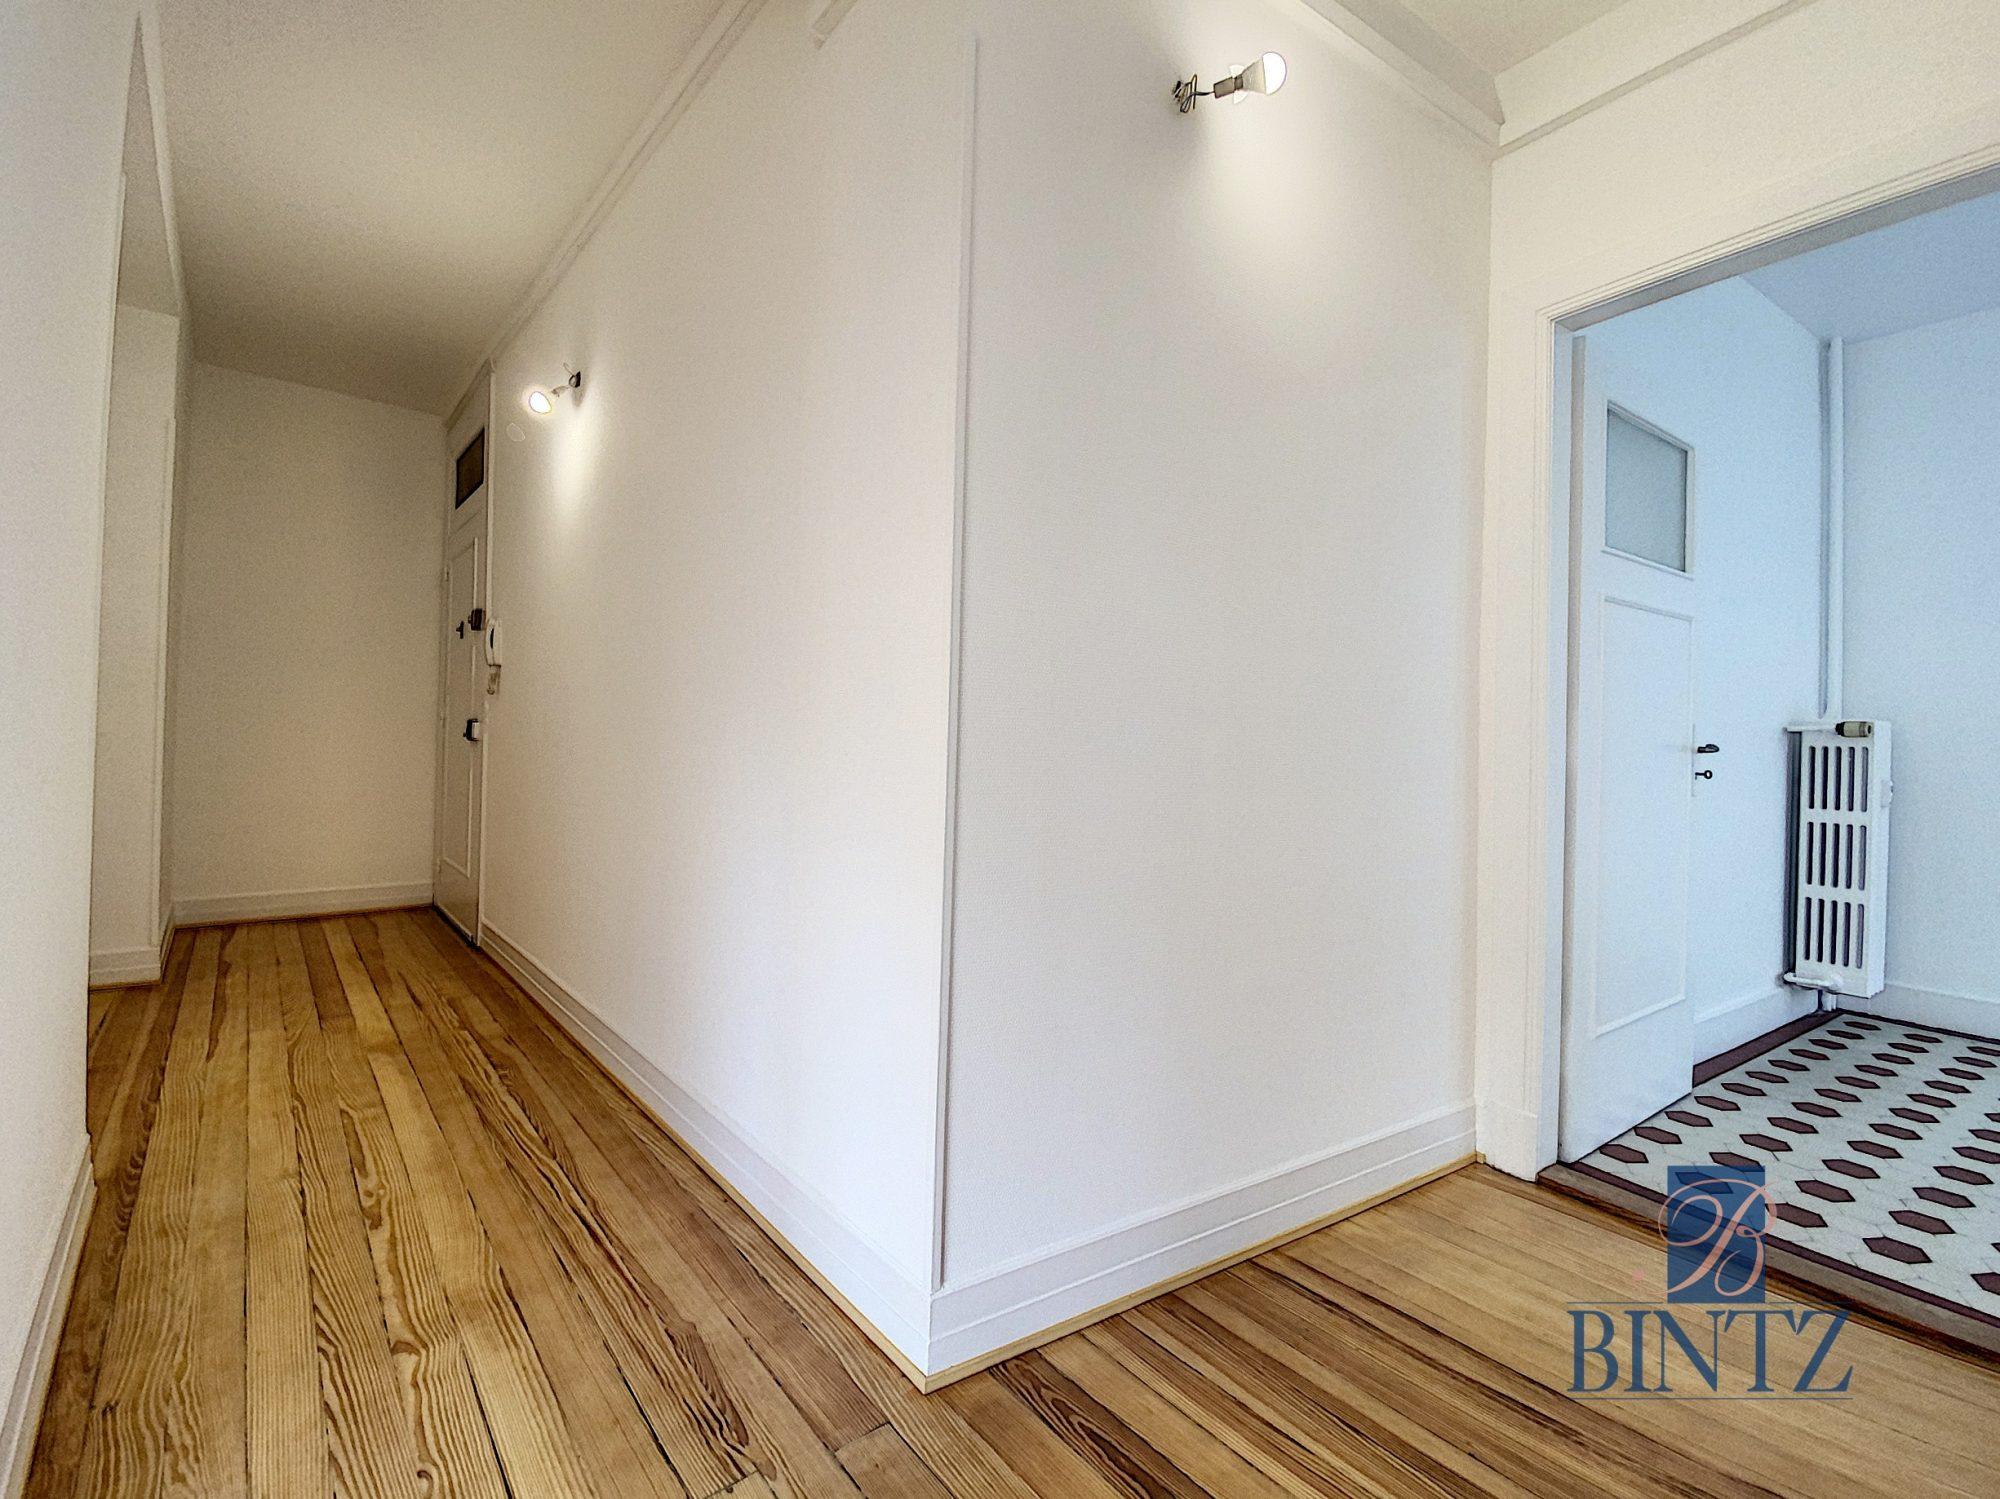 GRAND 1PIÈCE RÉNOVÉ KRUTENAU - Devenez locataire en toute sérénité - Bintz Immobilier - 11